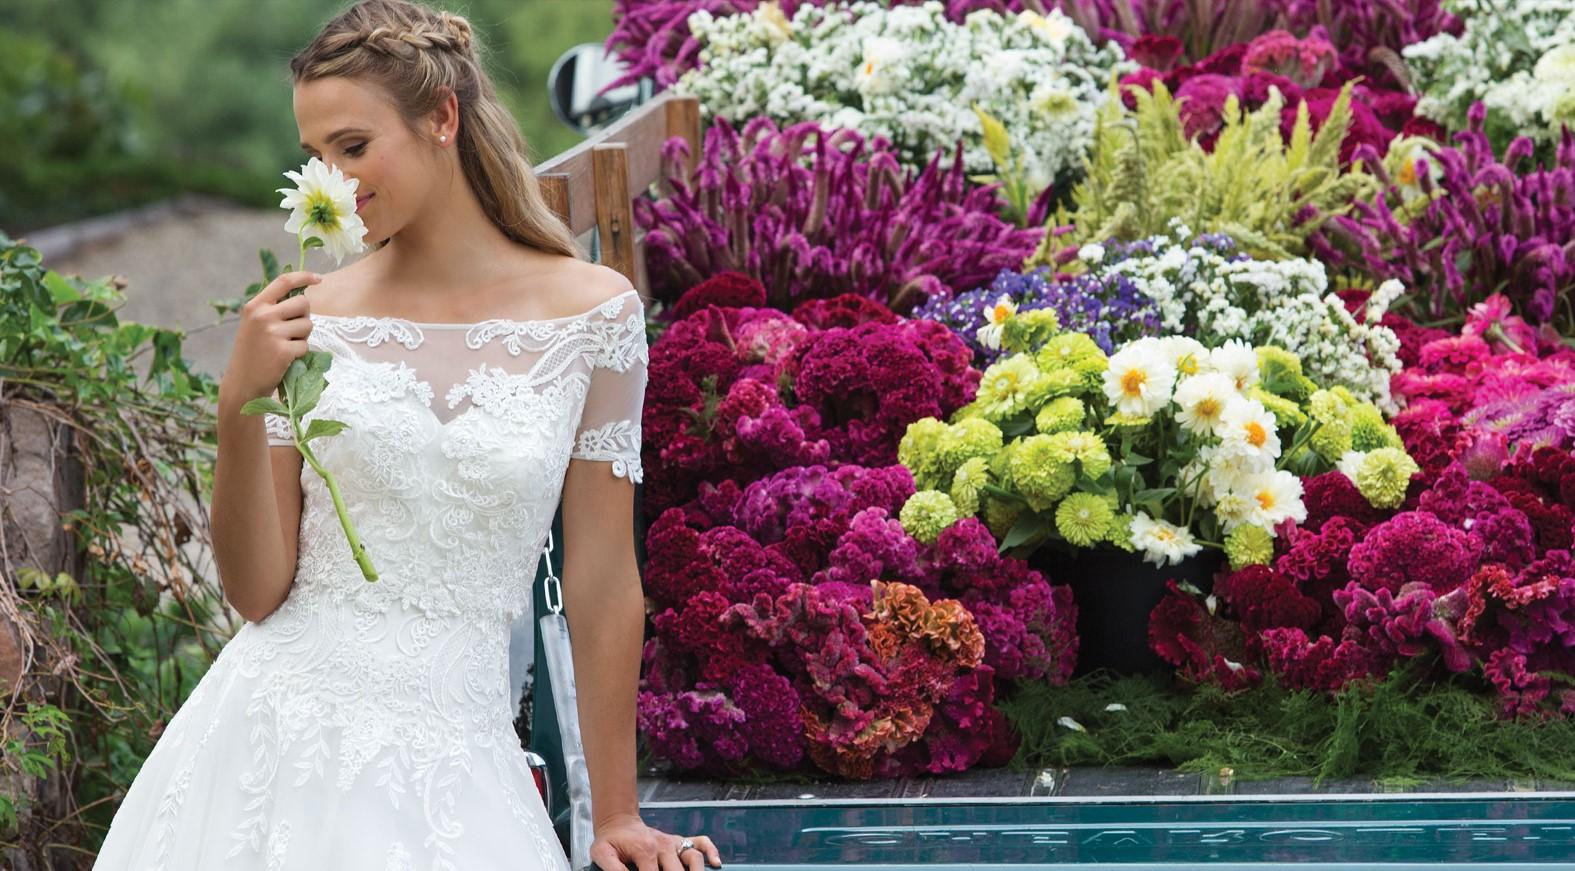 Crea un ambiente romántico para tu boda